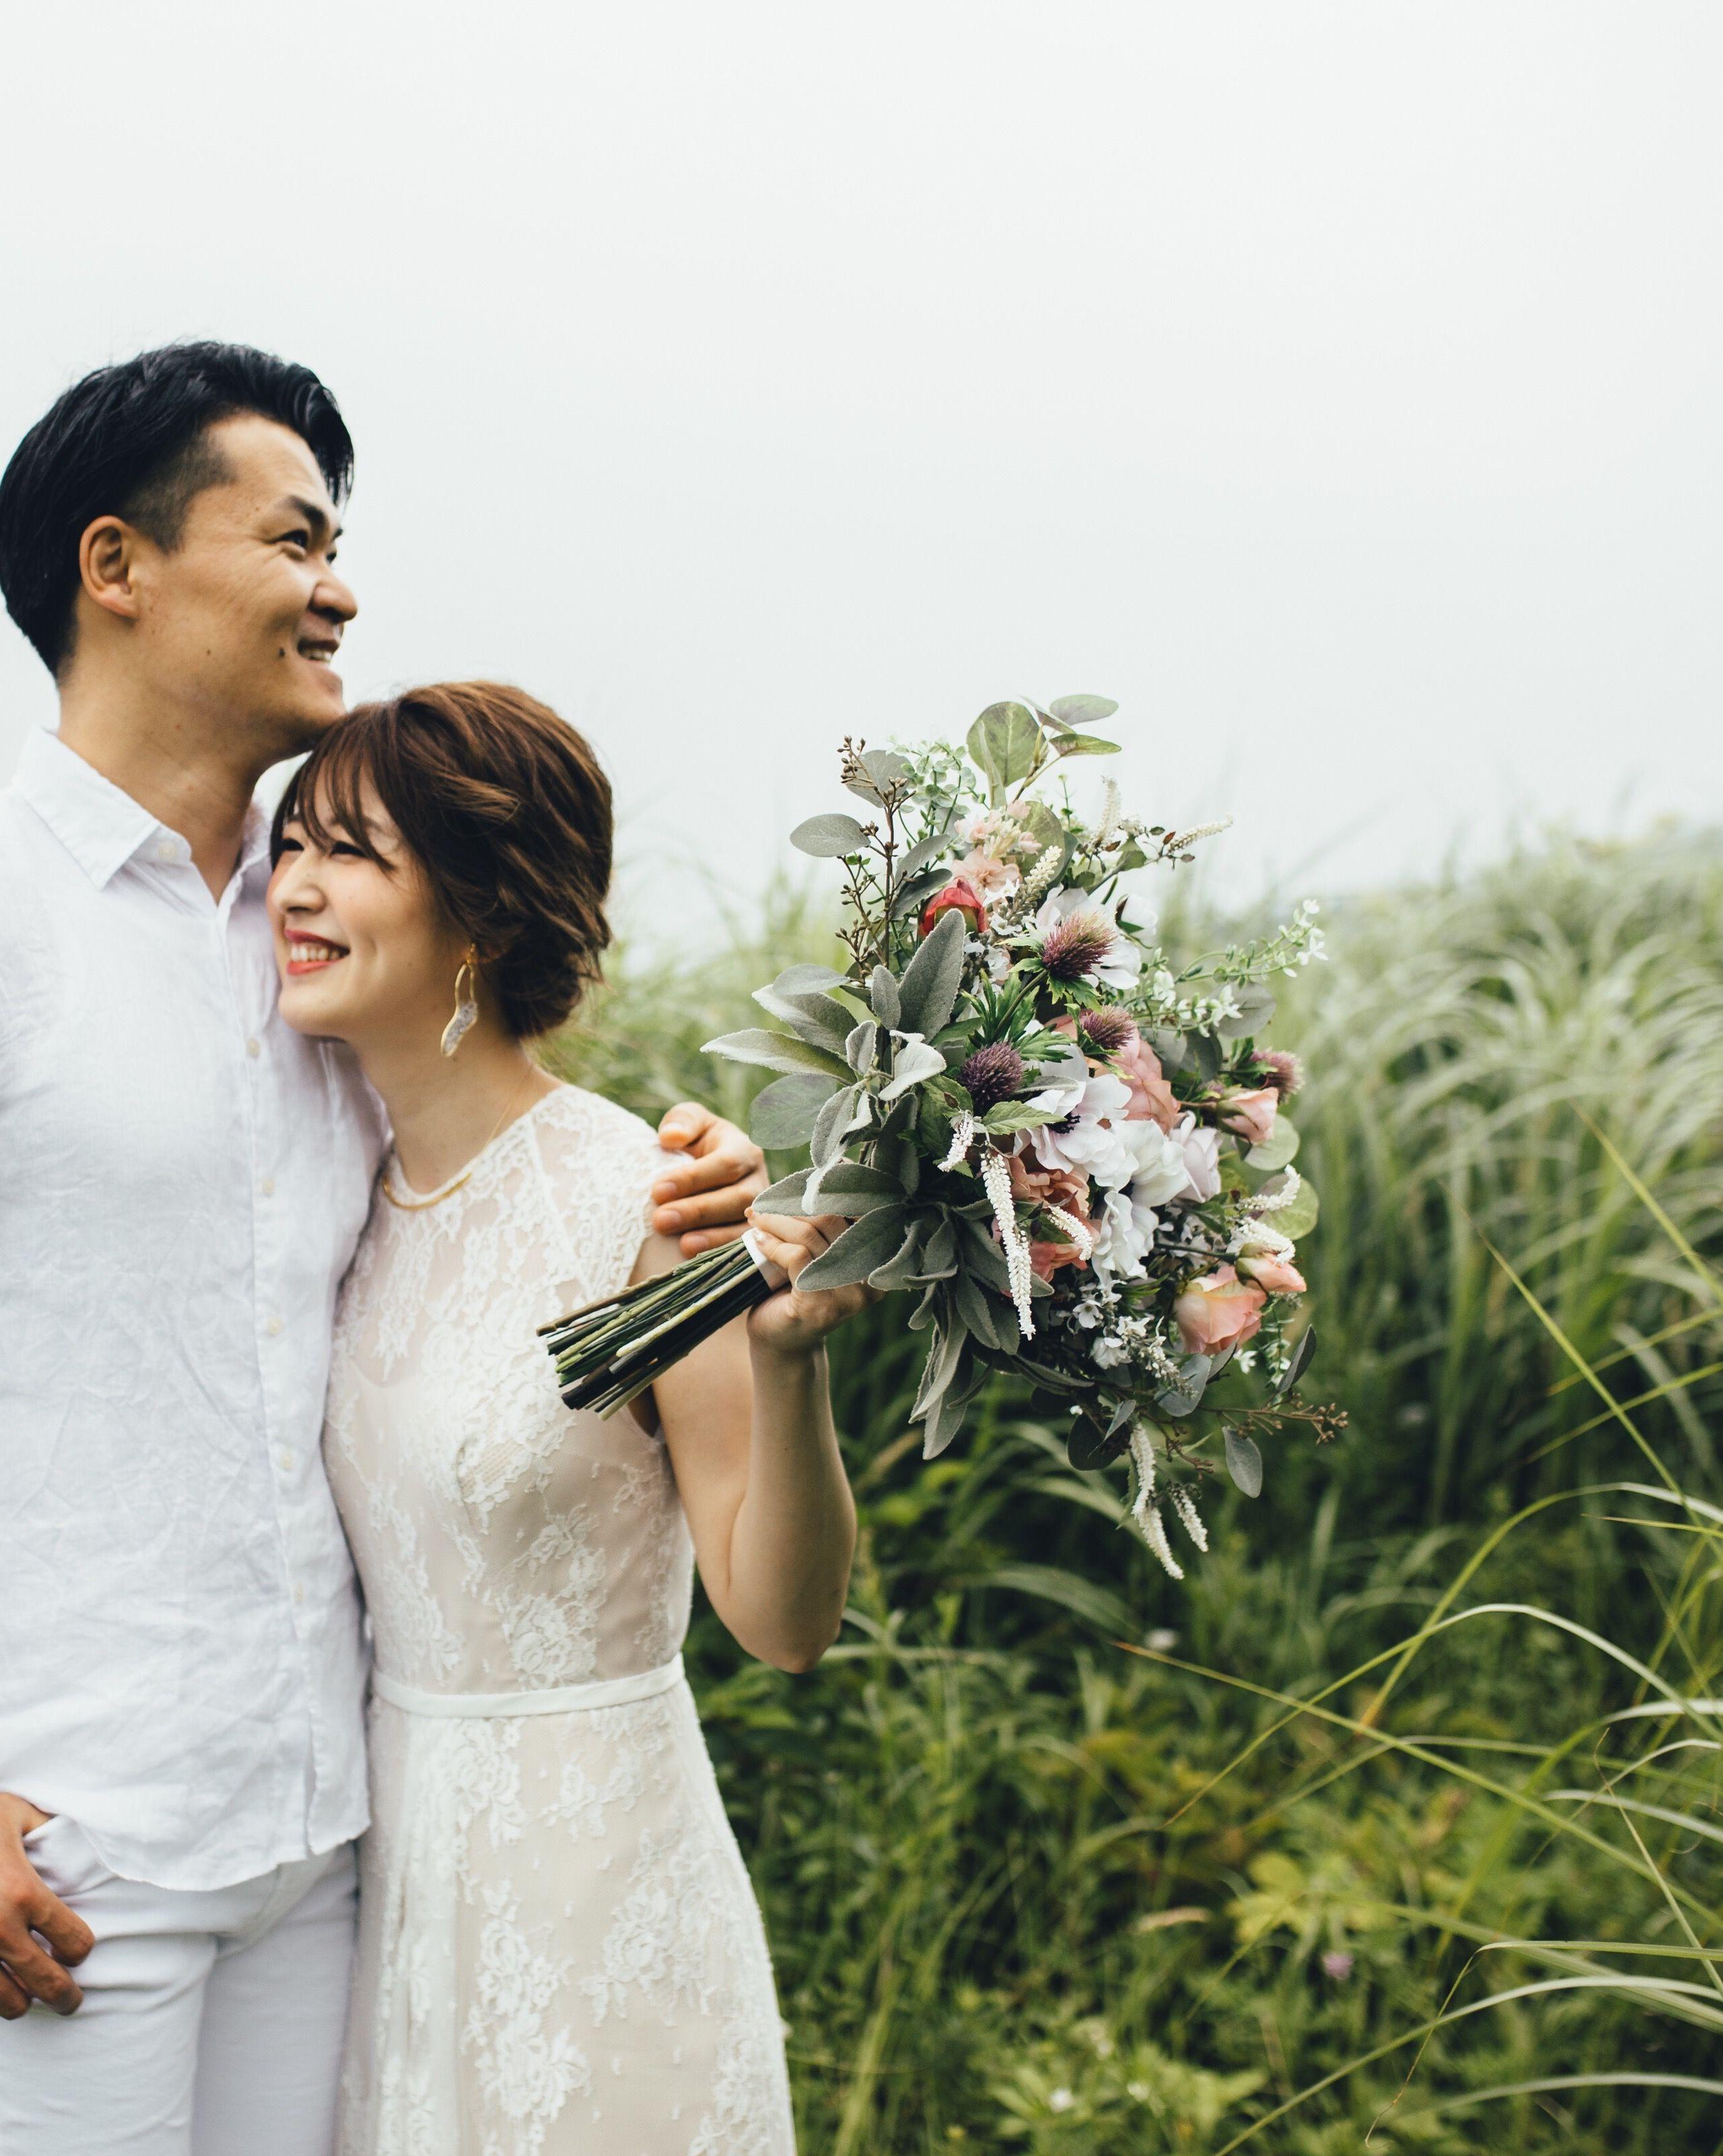 Photo of ウェディング 結婚式 前撮り 後撮り 出張ヘアメイクRUKKA(ルッカ) #ヘアアレンジ #ウエディングヘアメイク #ブ…